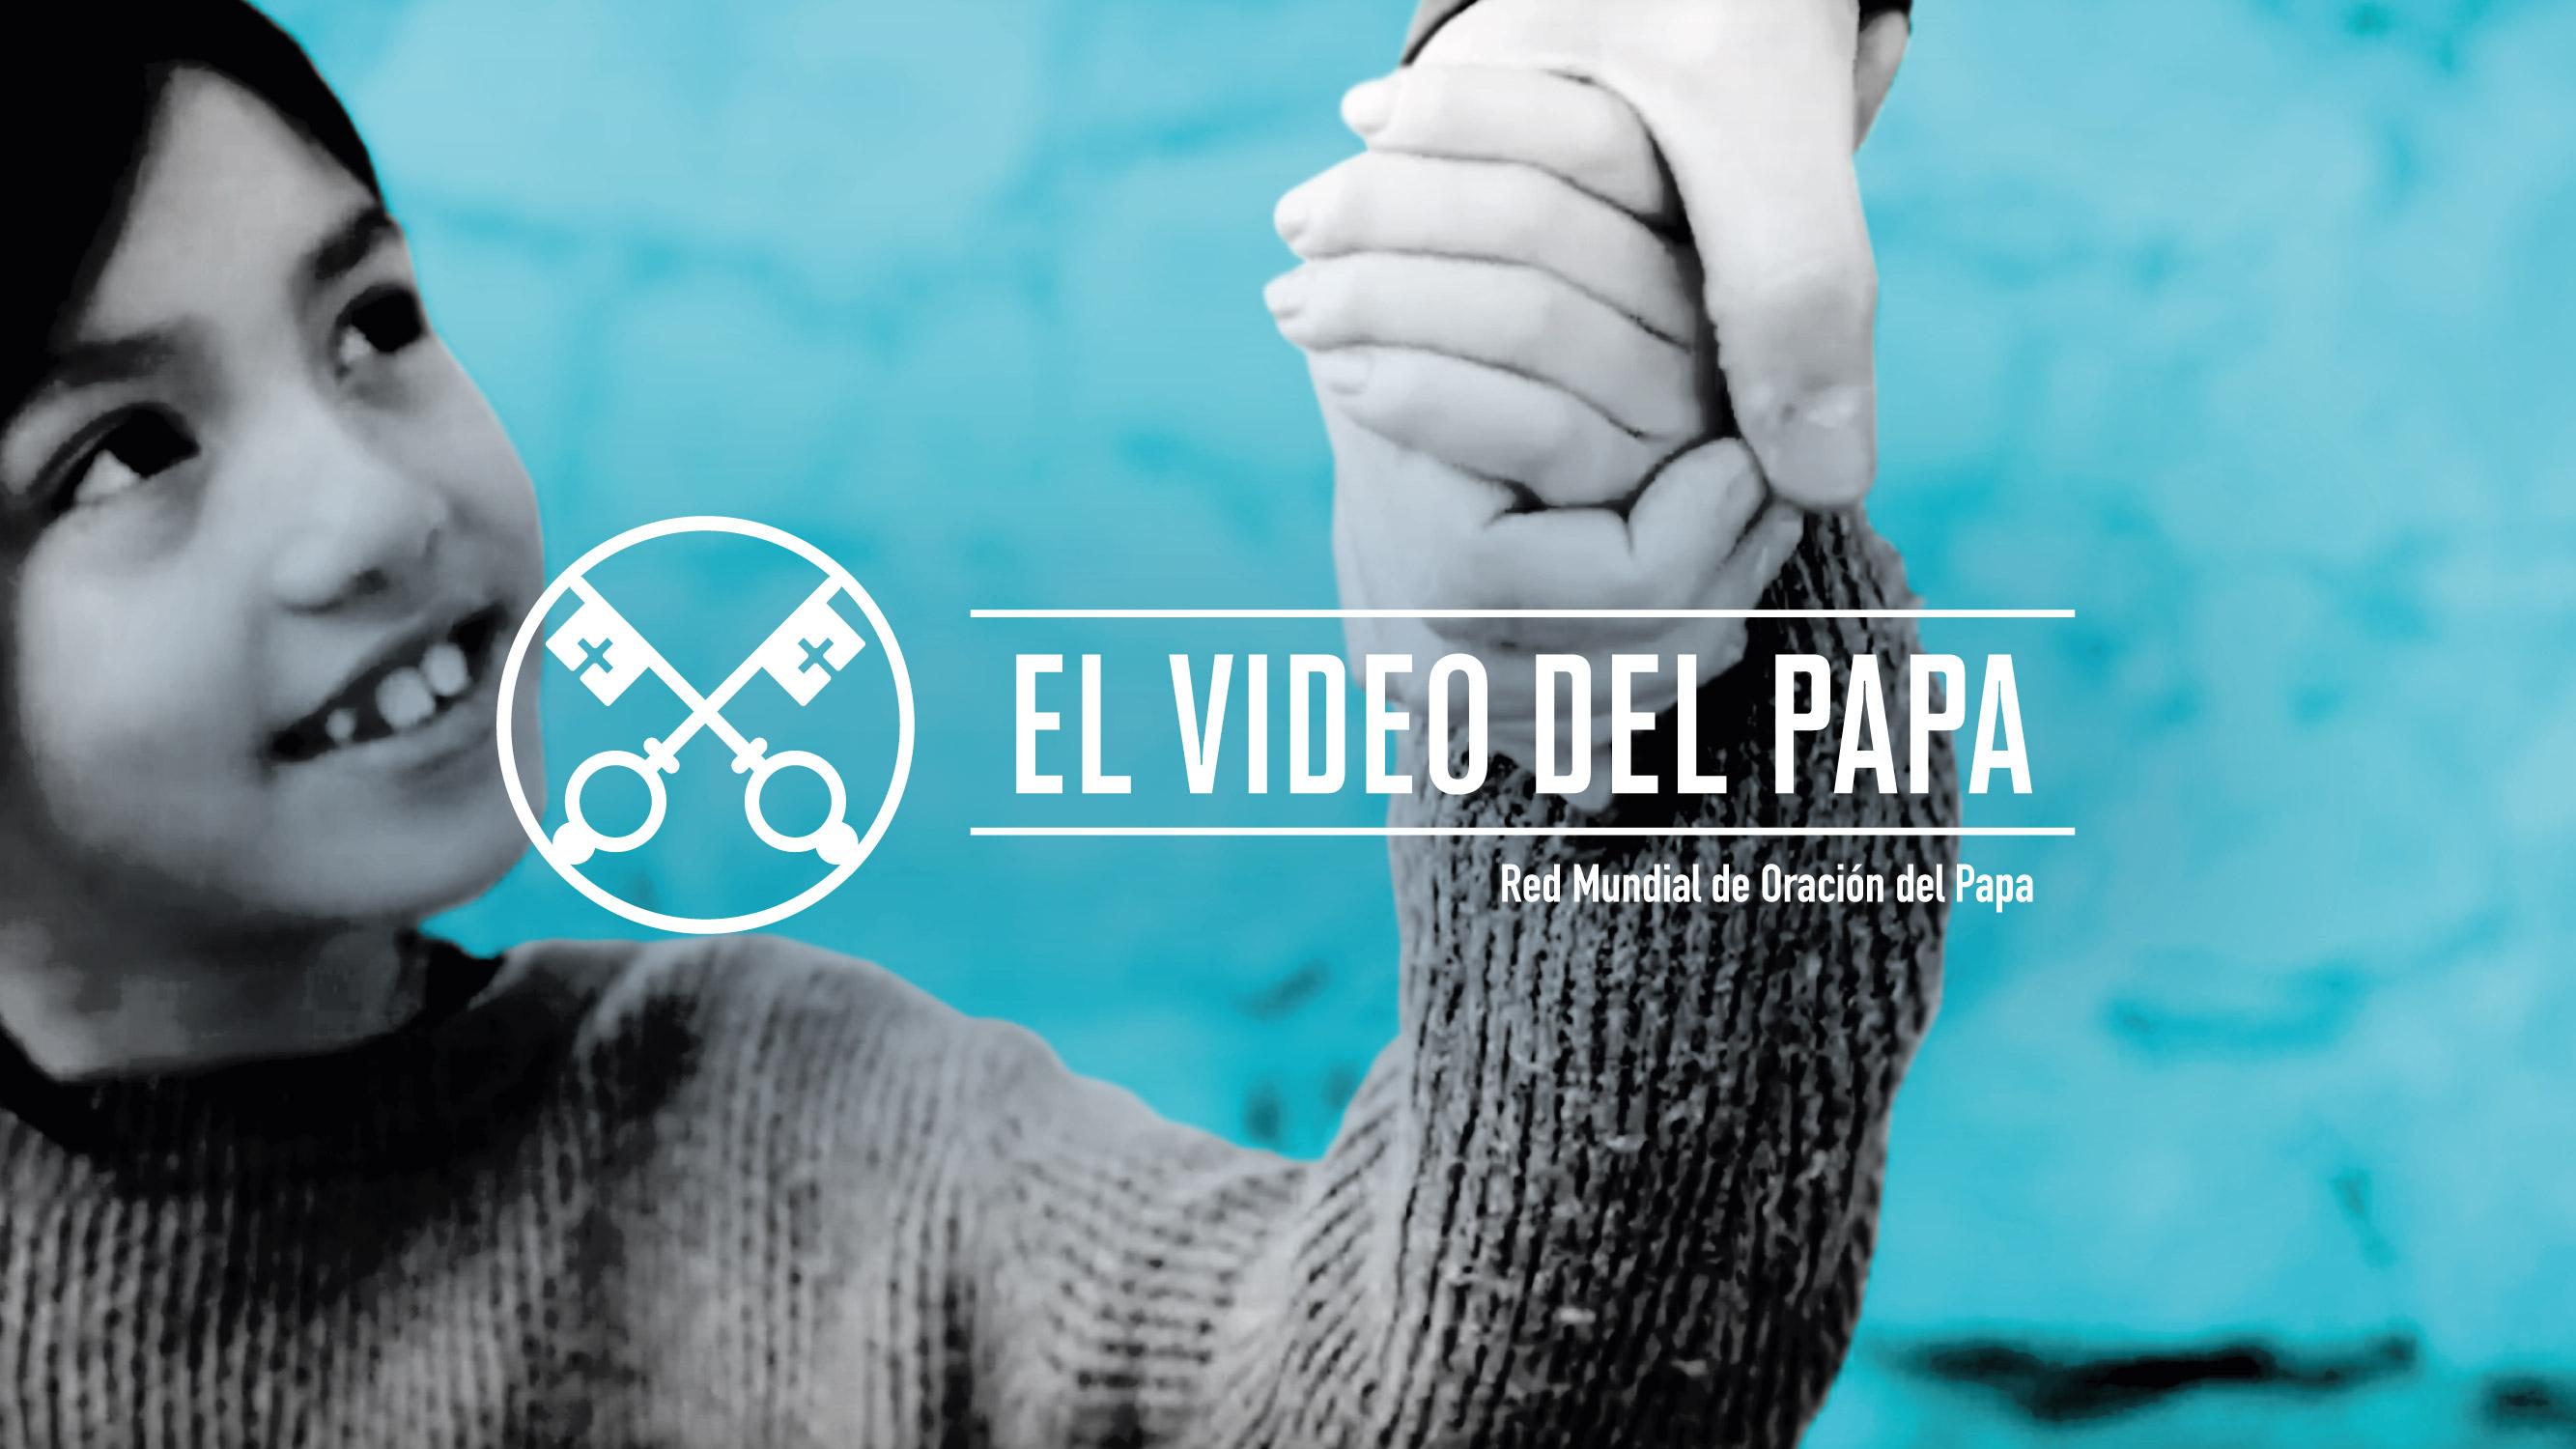 El Video del Papa: Cada niño que sufre es un grito que se eleva a Dios